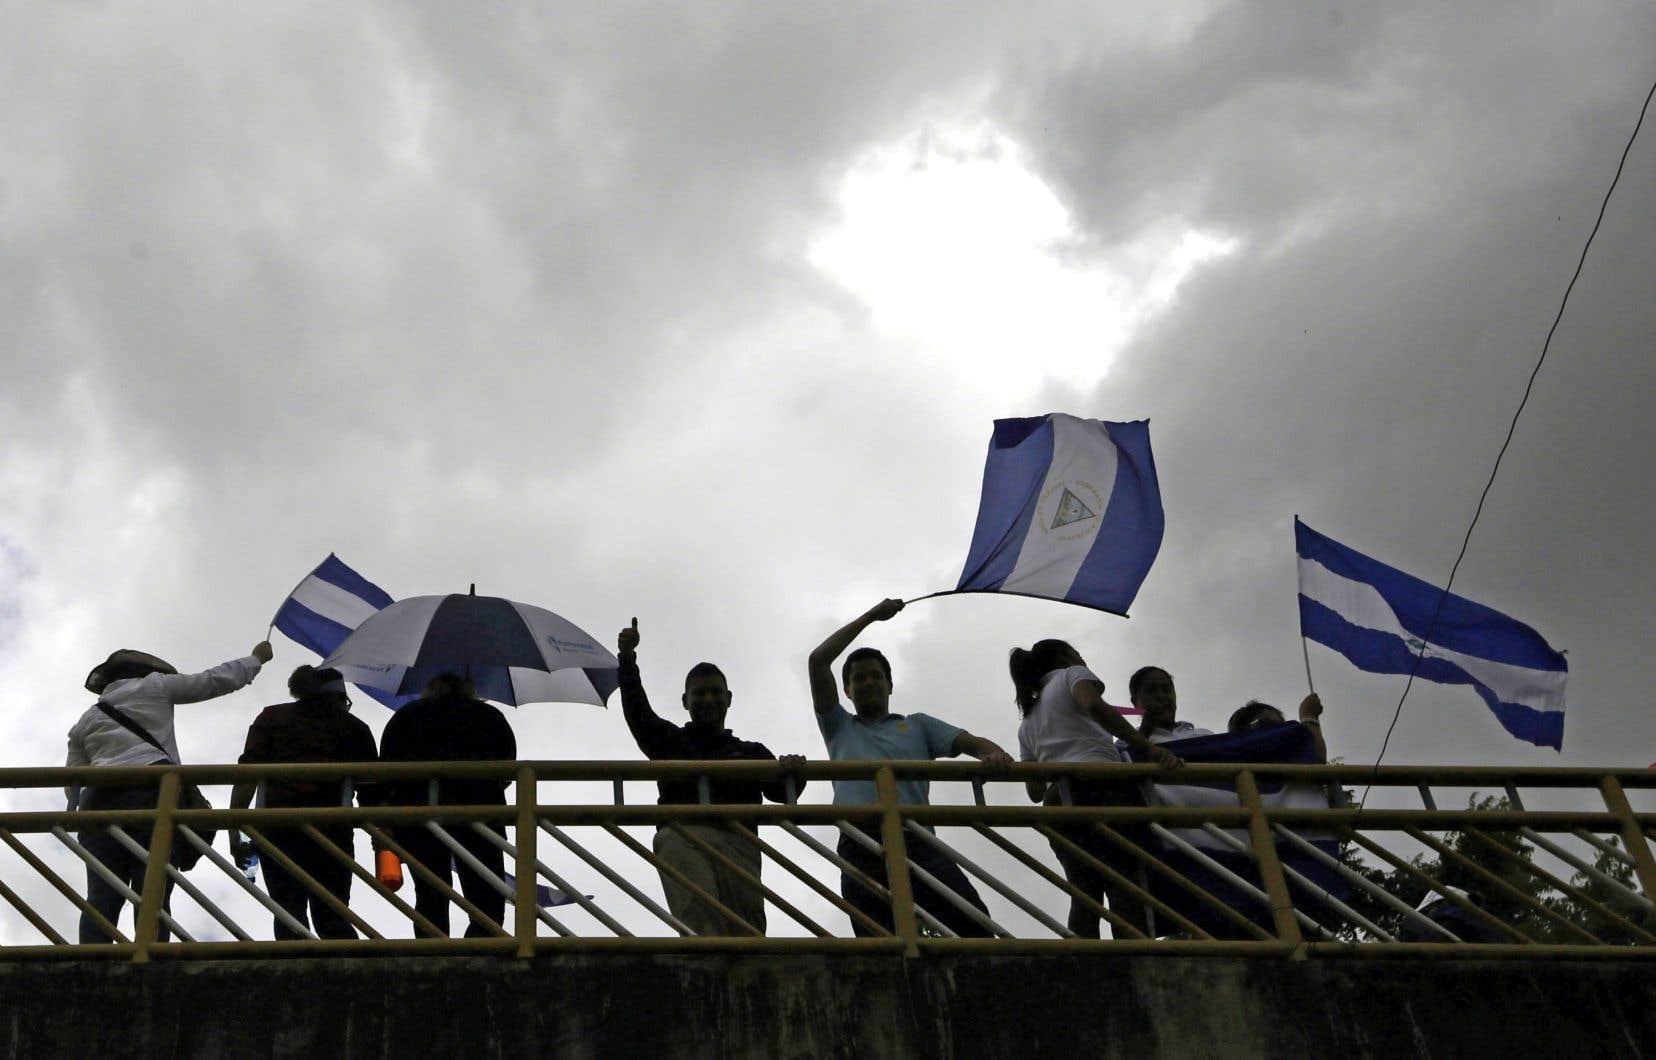 Le mouvement de protestation s'est poursuivi jeudi alors que des manifestants se sont mobilisés à travers le pays, notamment à Managua (photo).